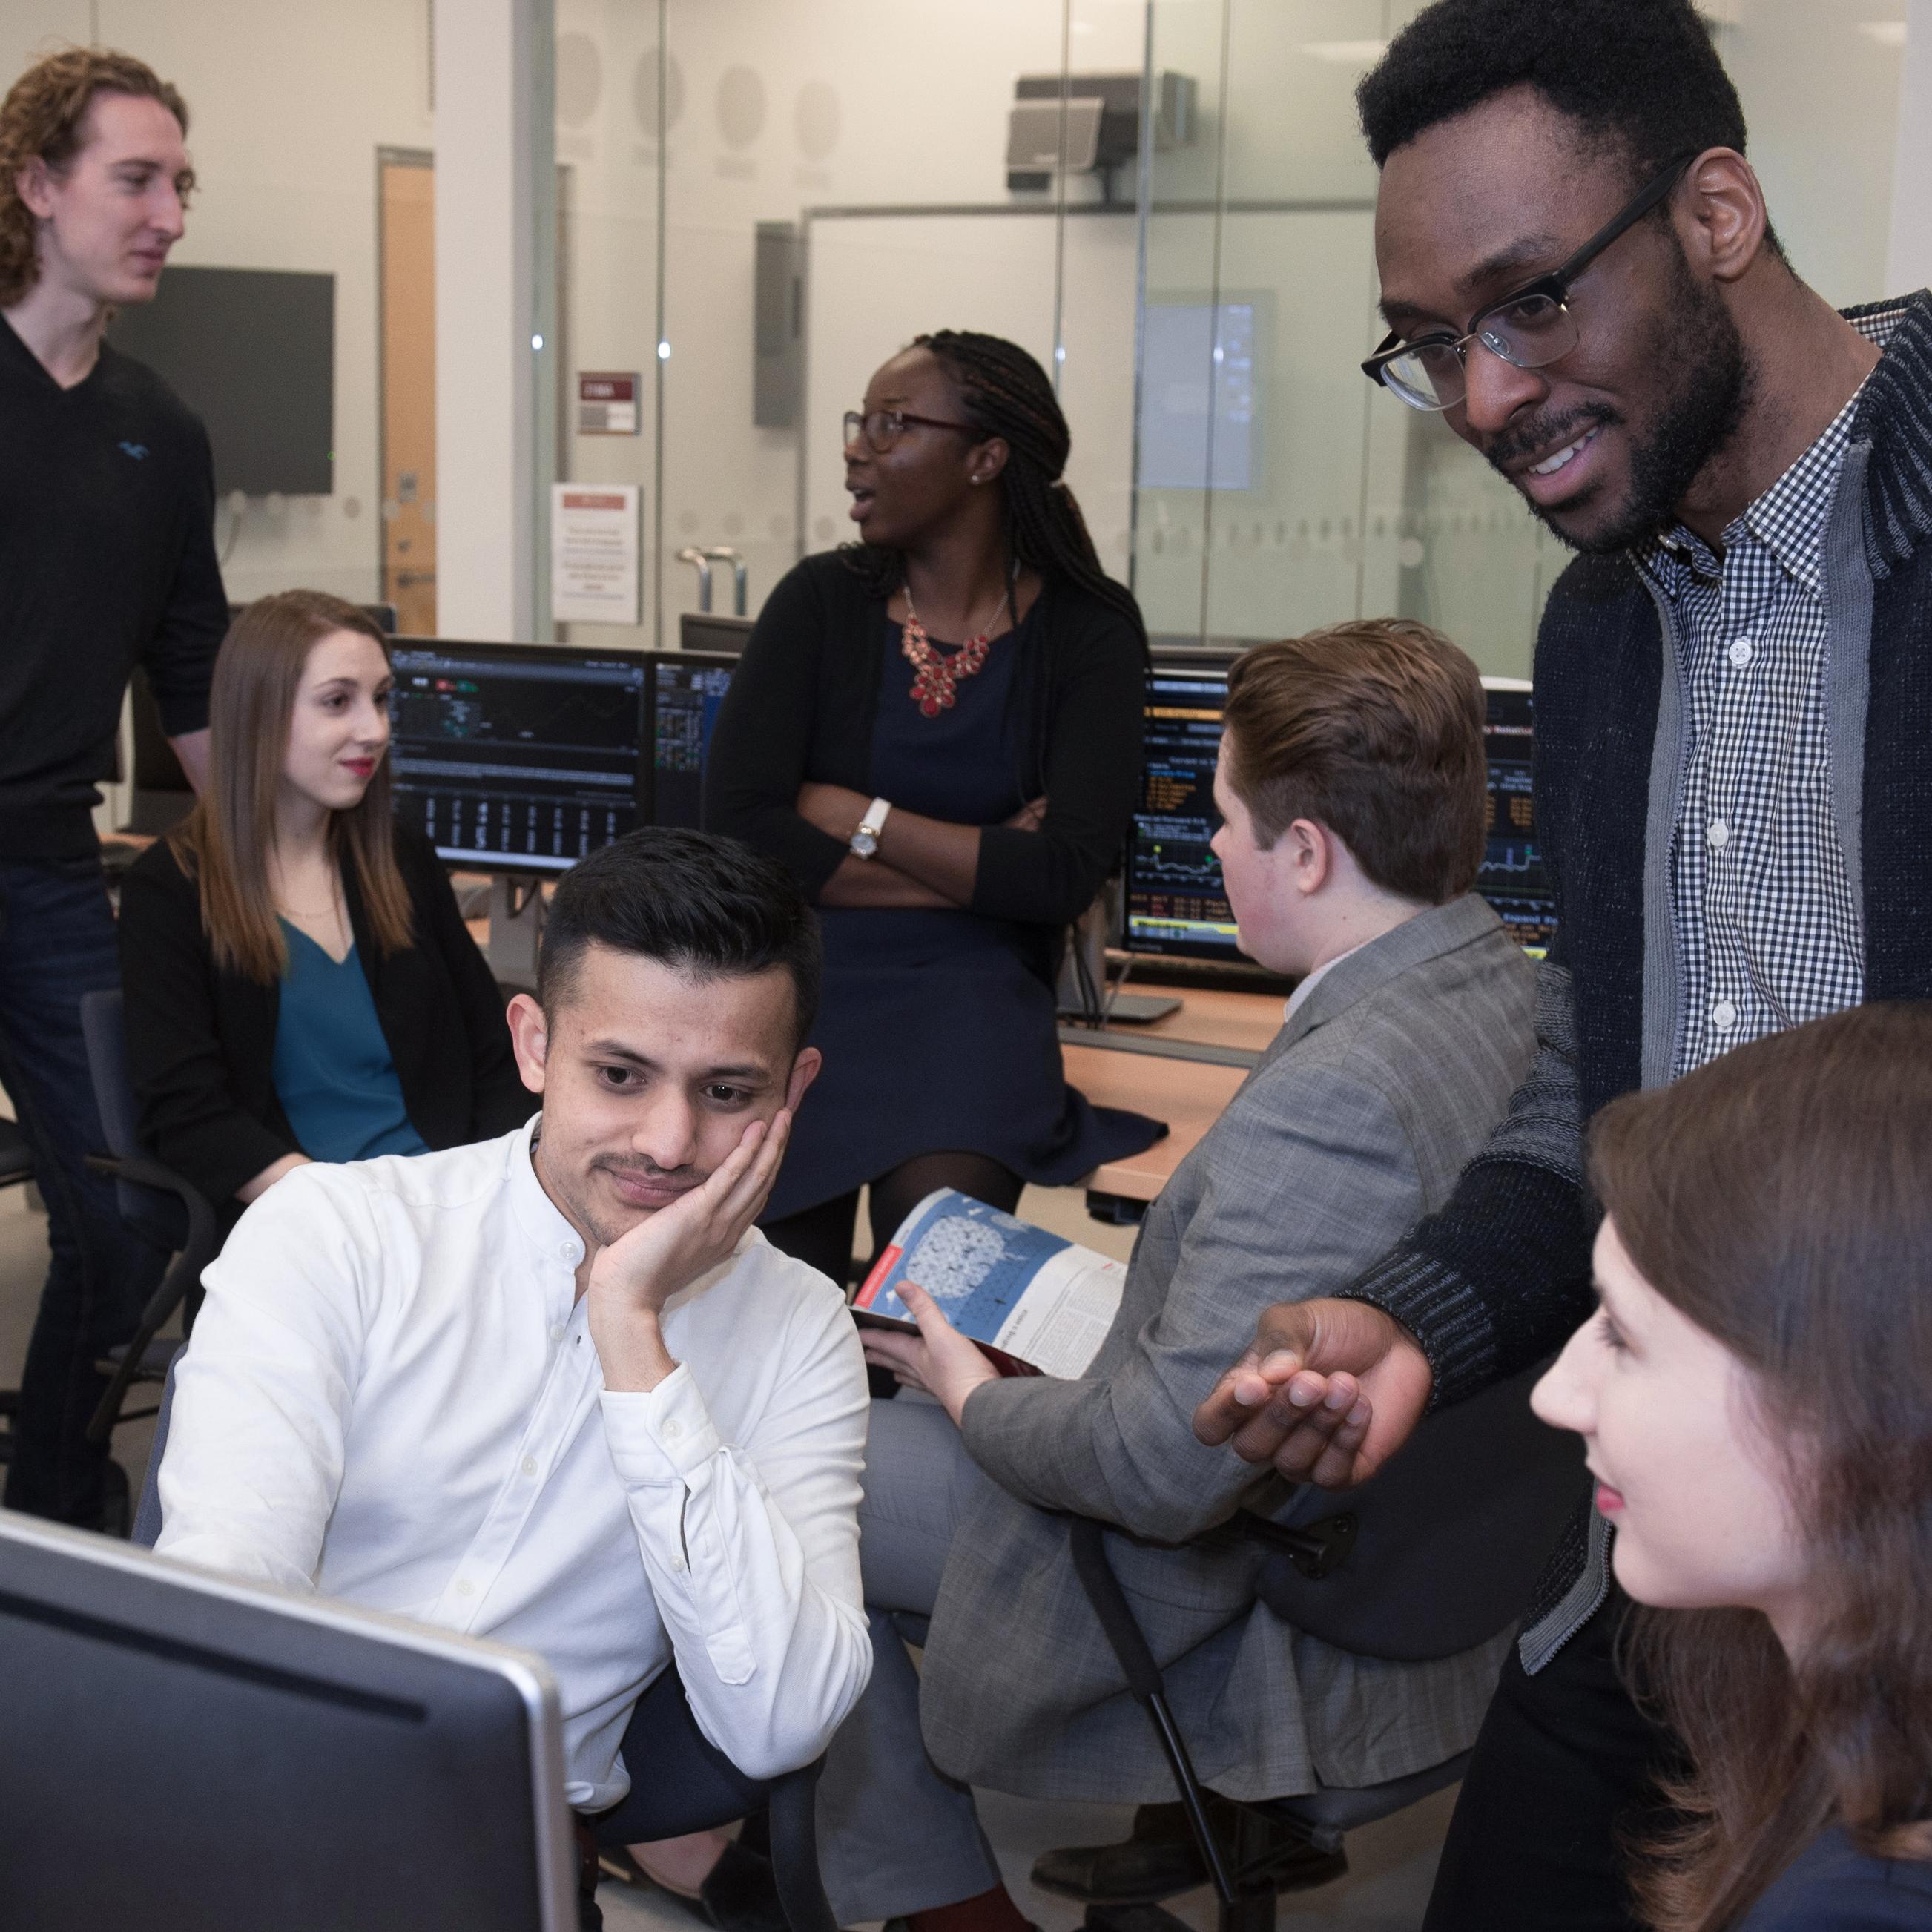 Des étudiants qui discutent en regardant un écran d'ordinateur